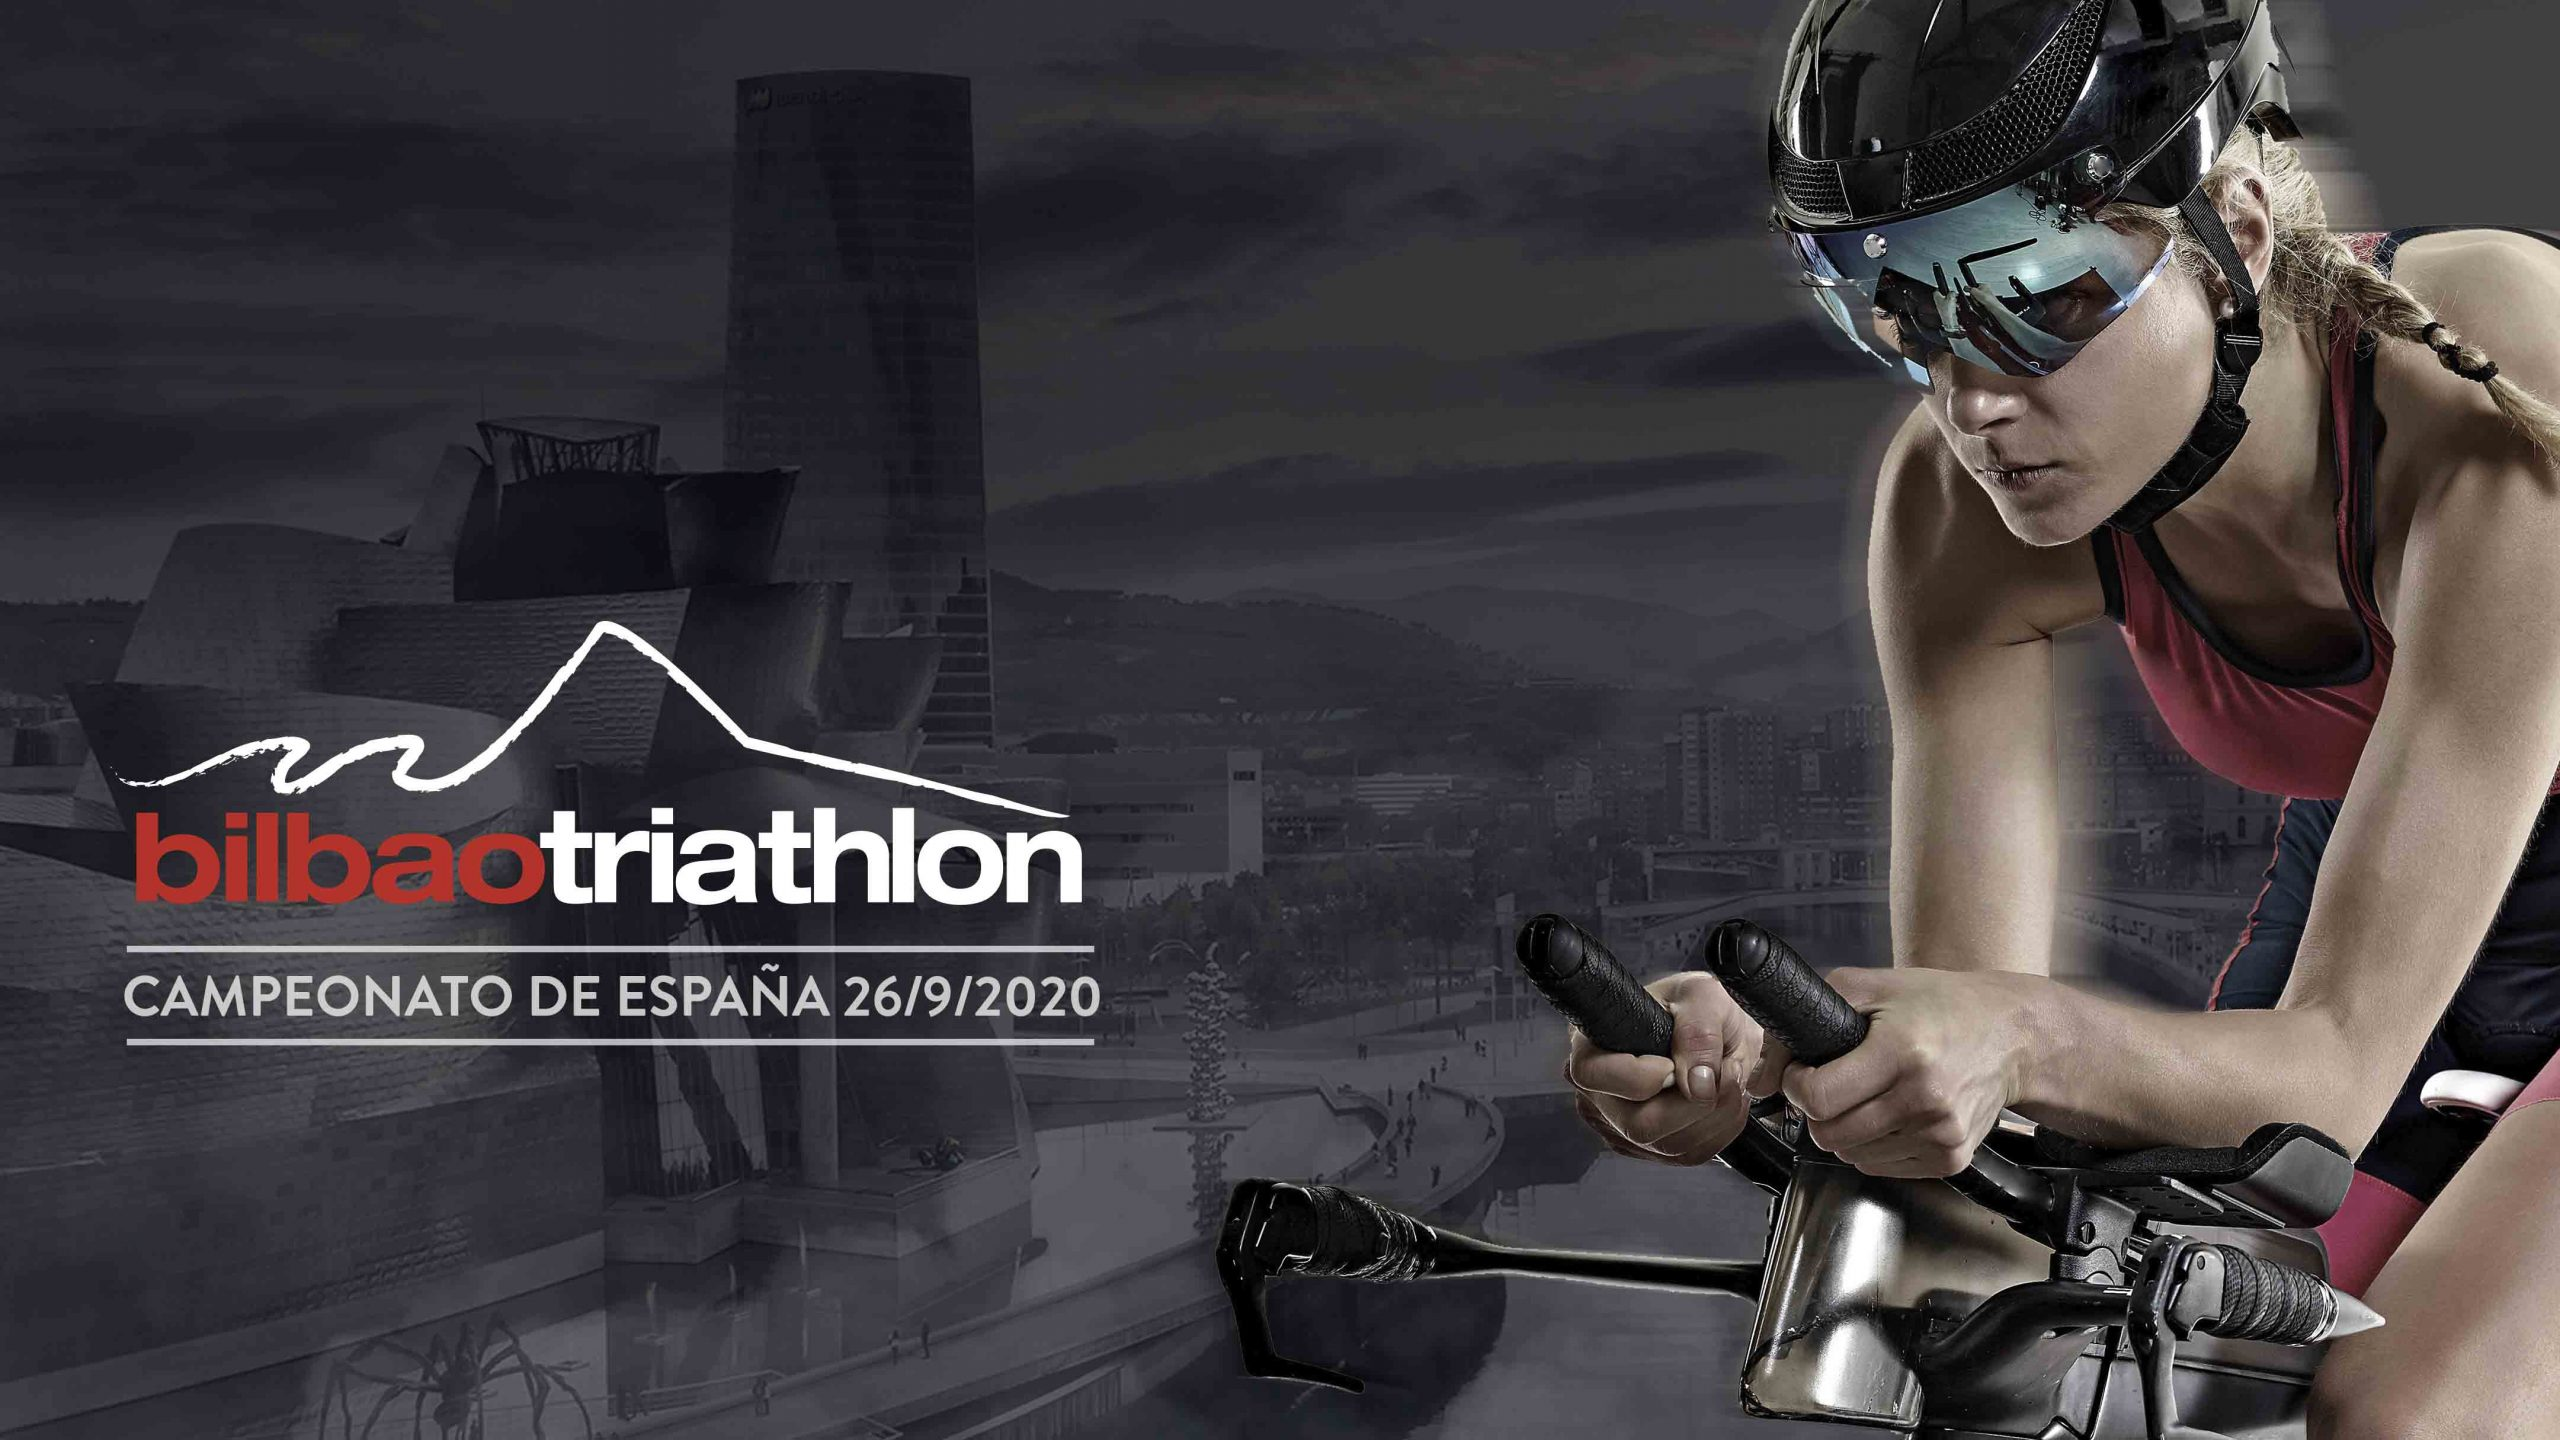 Sede blindada y límite de participación para el Campeonato de España de Triatlón Media Distancia Bilbao 2020